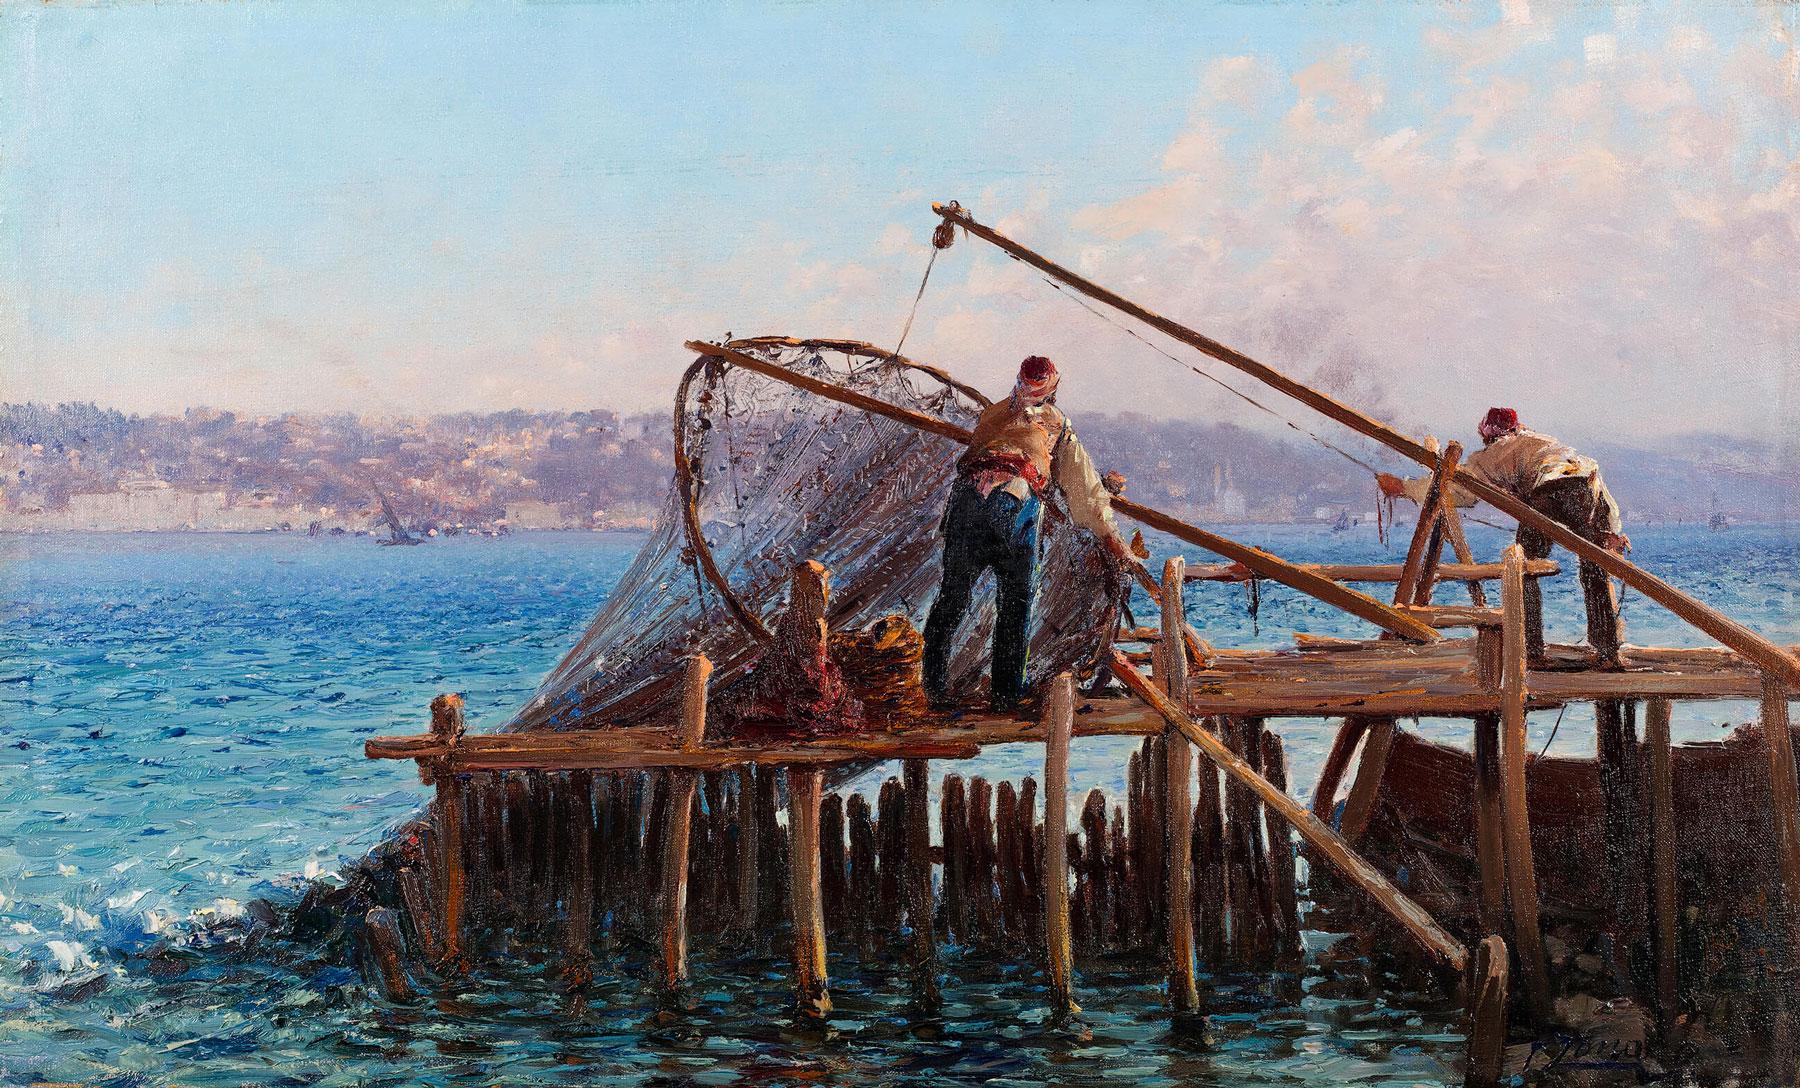 Ağ Toplayan Balıkçılar, Fausto Zonaro, Tuval üzerine yağlıboya, 1891 – 1910, 40,5 x 67 cm.